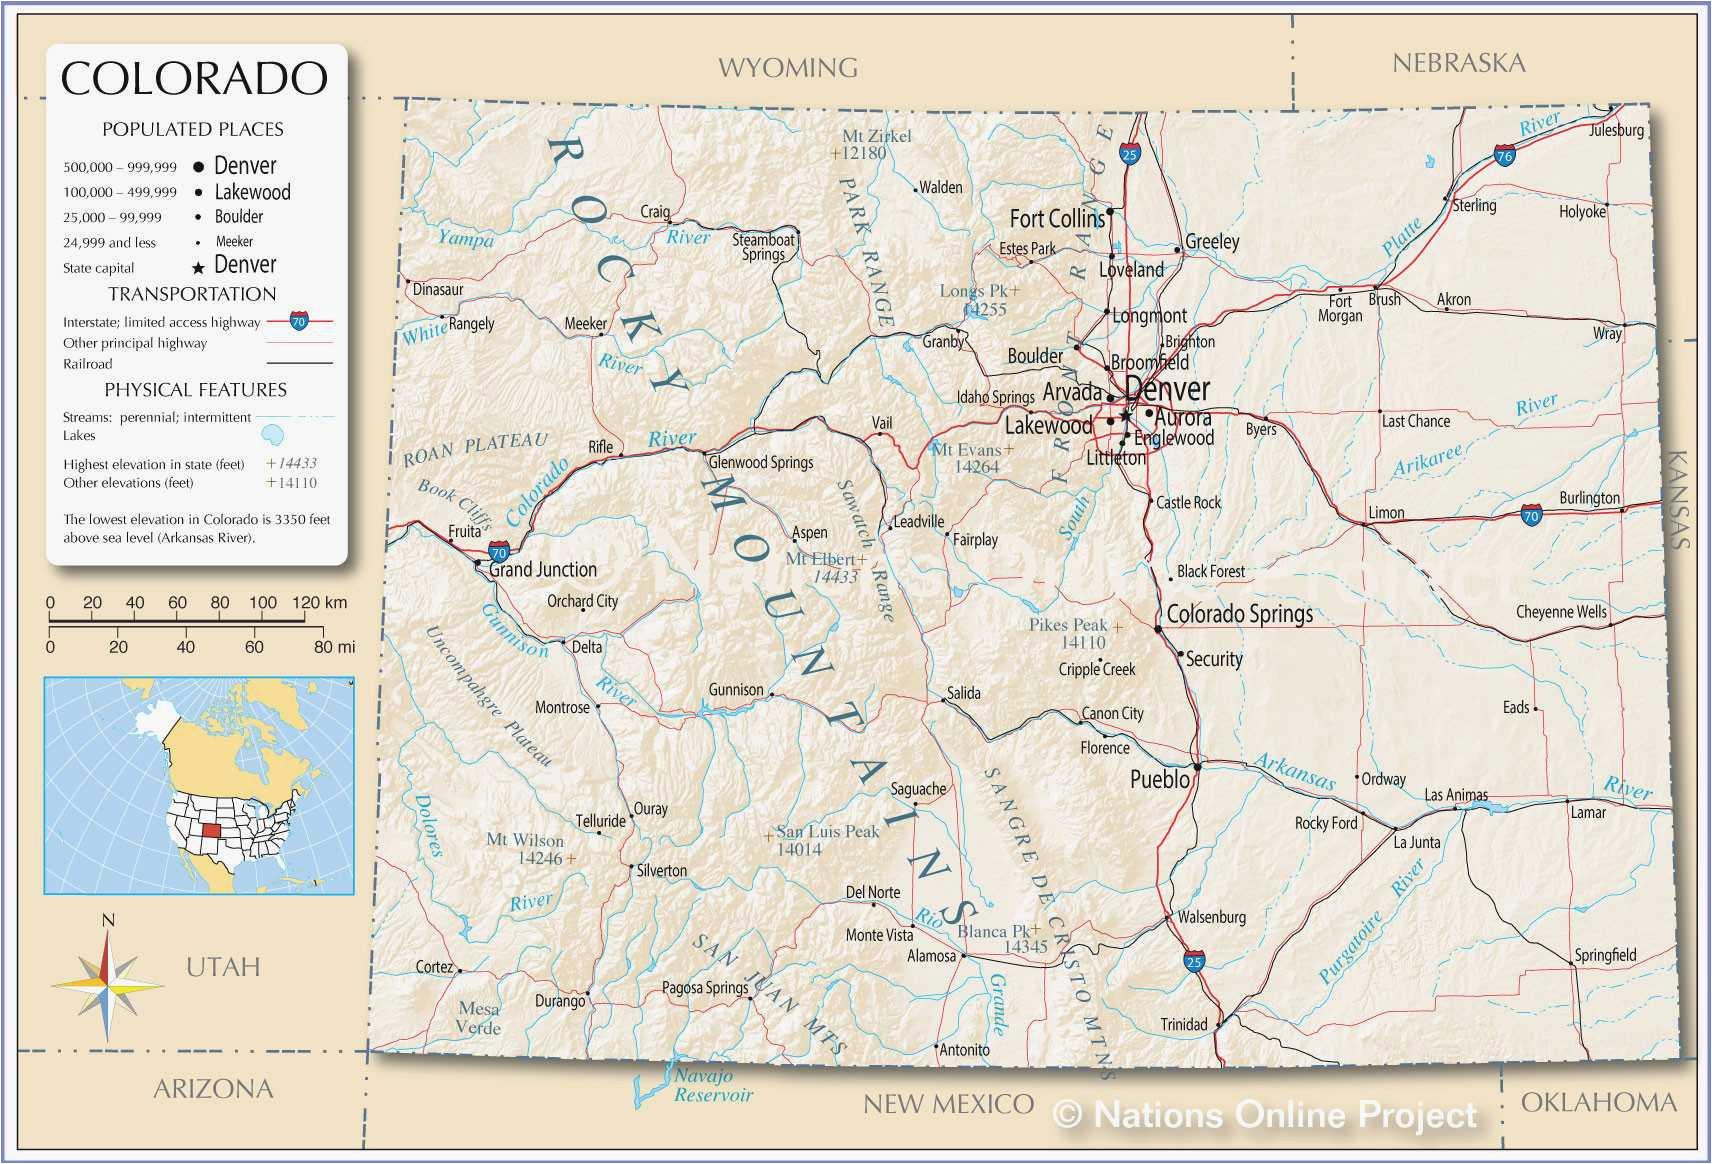 Trinidad Colorado Map Denver County Map ly Denver County ... on map of tincup colorado, map of lake granby colorado, map of clear creek county colorado, map of san isabel colorado, map of wetmore colorado, map of aguilar colorado, map of keenesburg colorado, map of gunbarrel colorado, map of silver plume colorado, map of green mountain falls colorado, map of battlement mesa colorado, map of stratton colorado, map of severance colorado, map of cherry hills village colorado, map of cheyenne colorado, map of las animas county colorado, map of arapahoe basin colorado, map of monarch pass colorado, map of flagler colorado, map of arriba colorado,